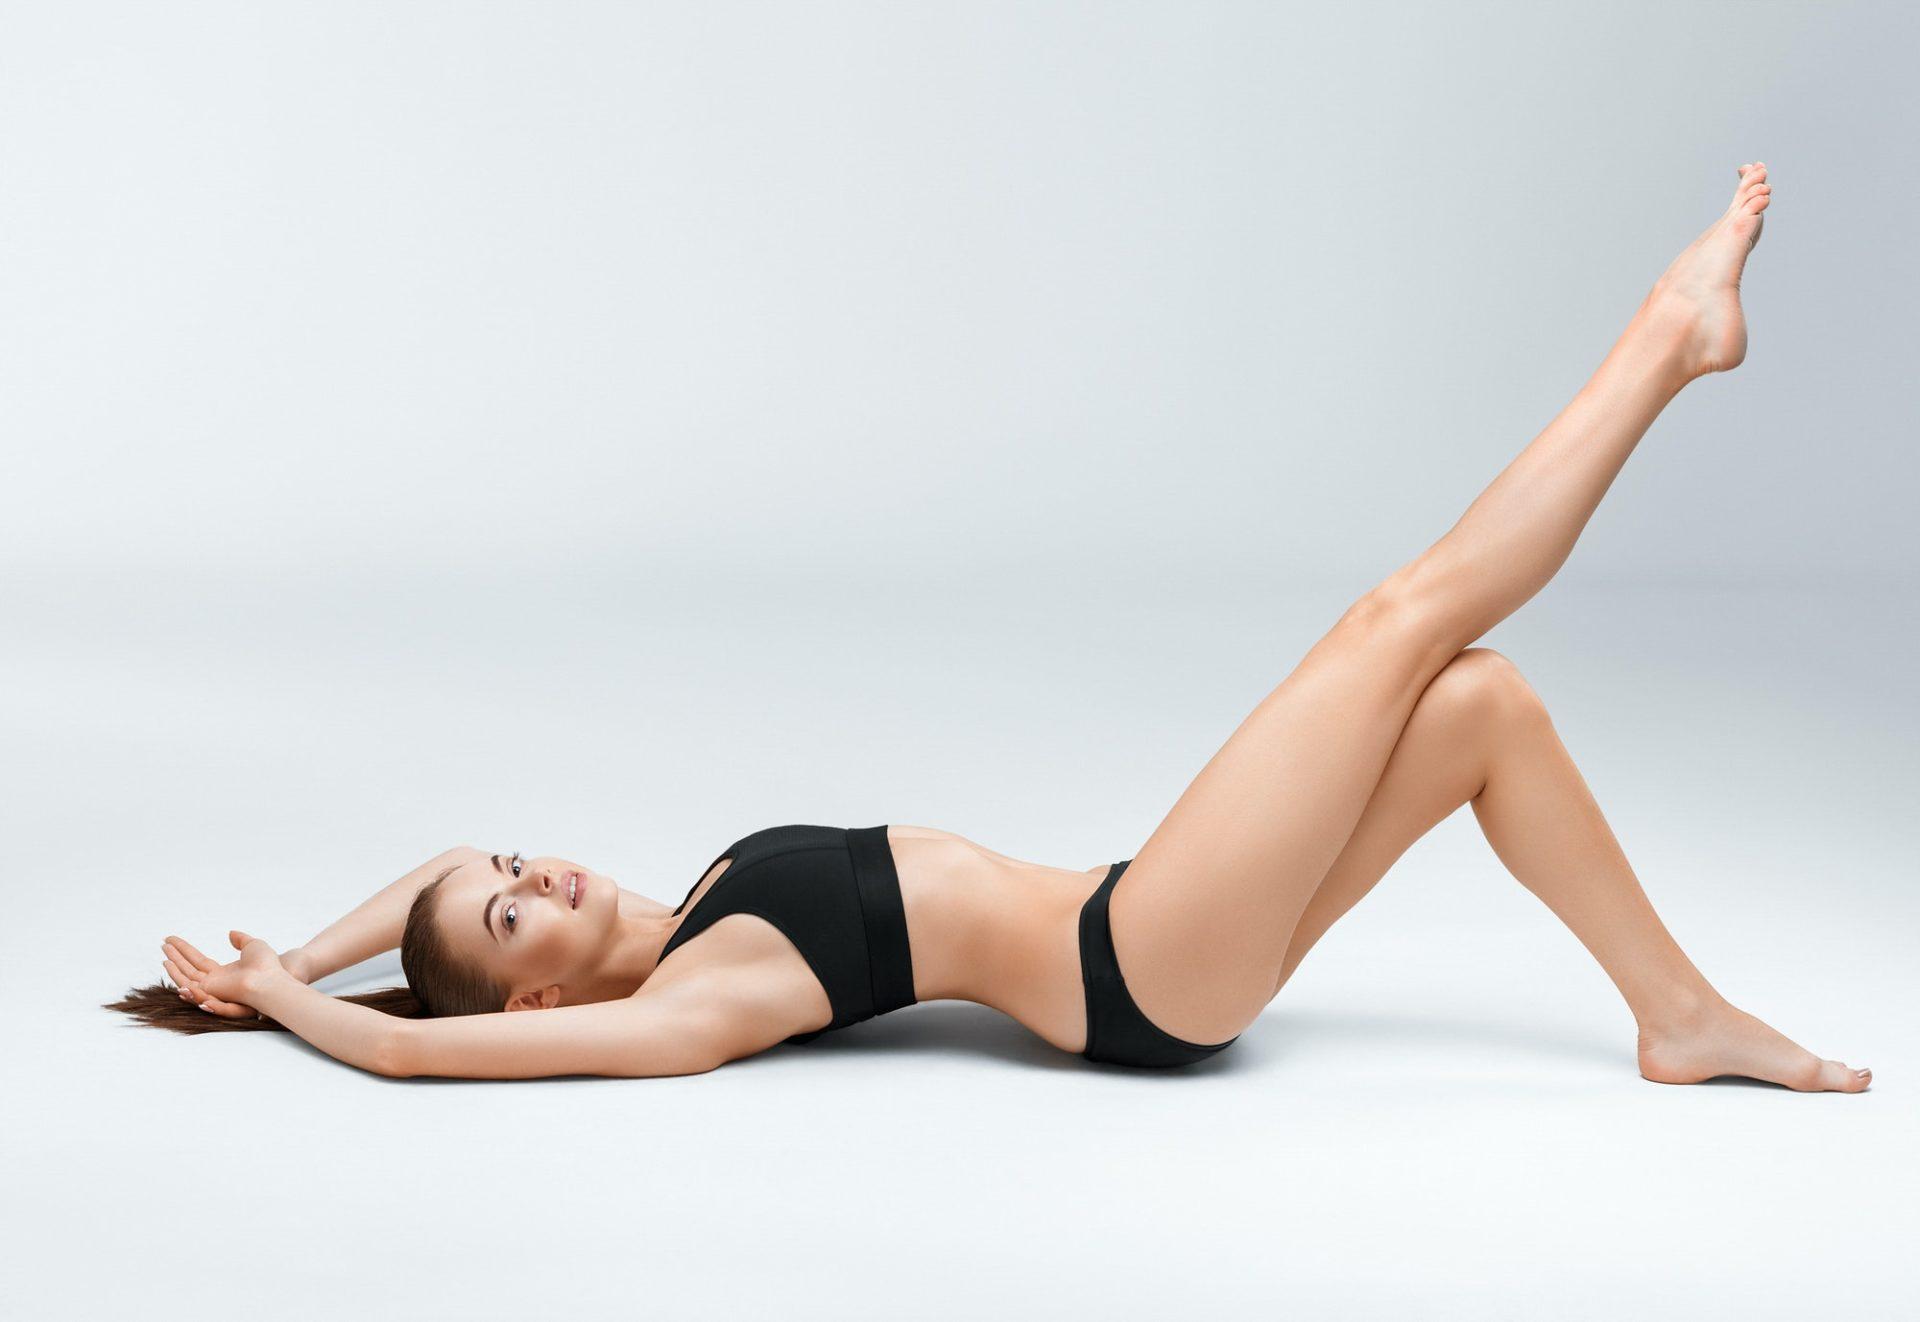 Woman body beauty sport